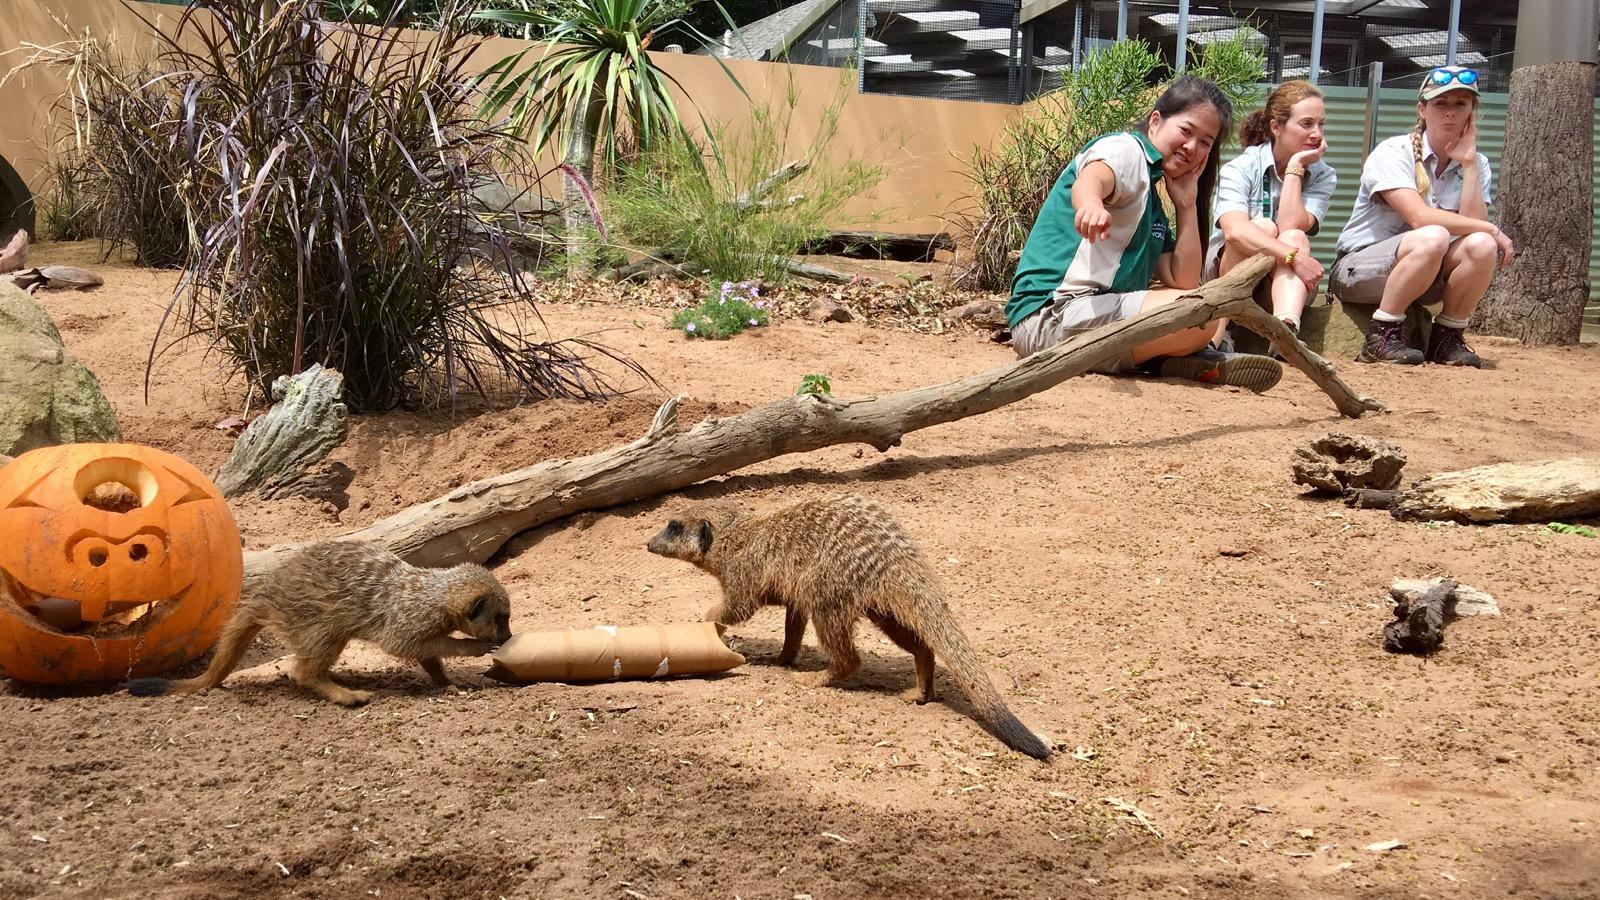 taronga-zoo-meerkats